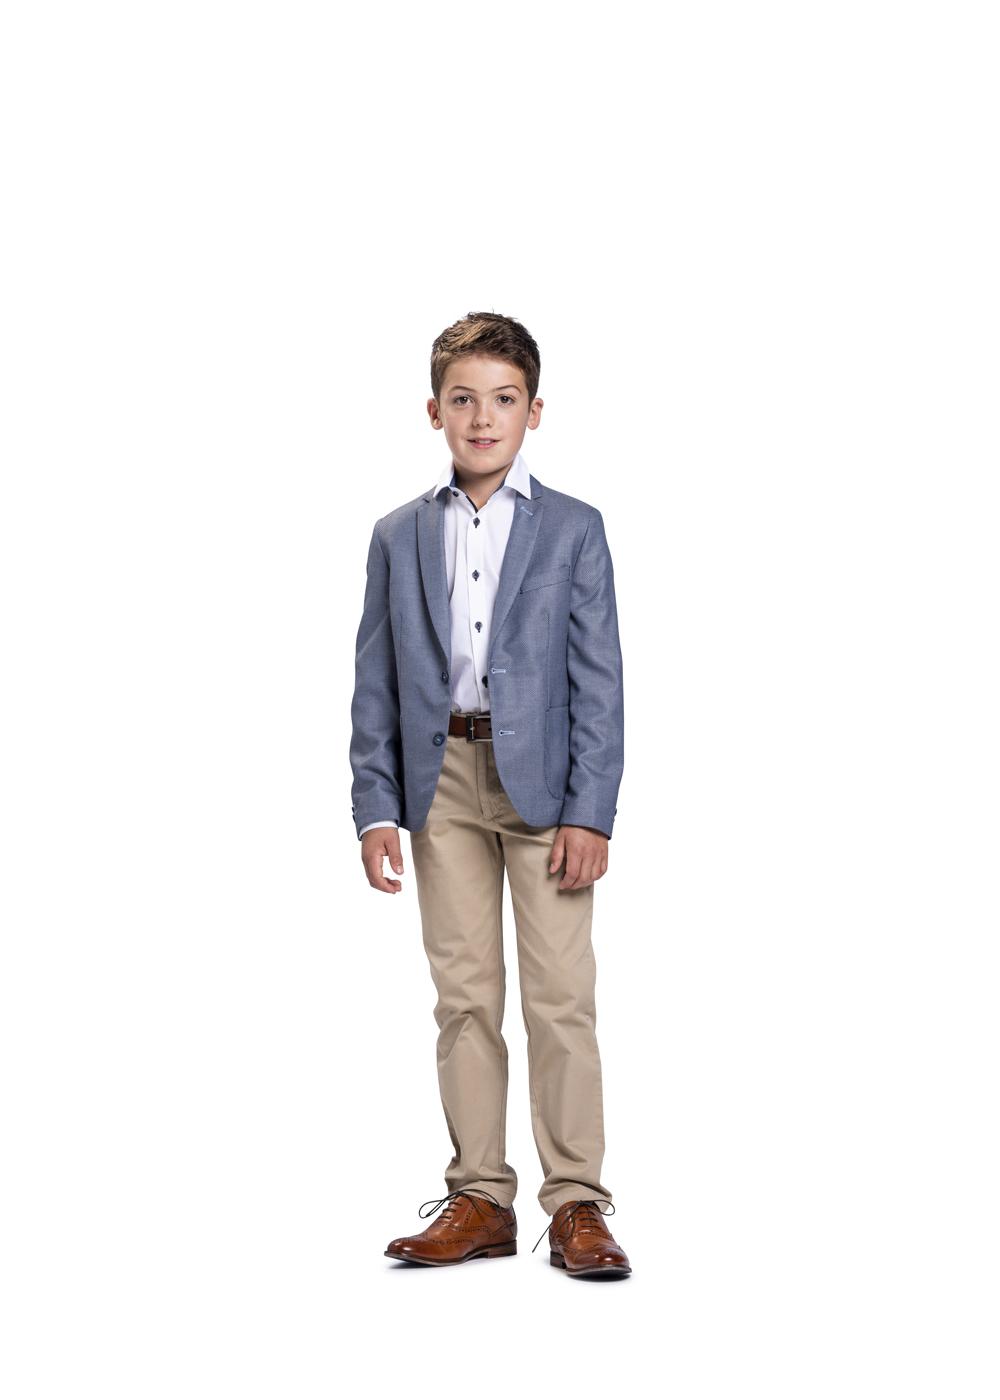 Sportlicher Kommunionanzug für Jungen von Weise Junior - Modell 7322805. Hellblaues Sakko kombiniert mit hellbeiger Jeans und weißem Hemd. Modernes Kommunion Outfit - sportlich zu kombinieren.